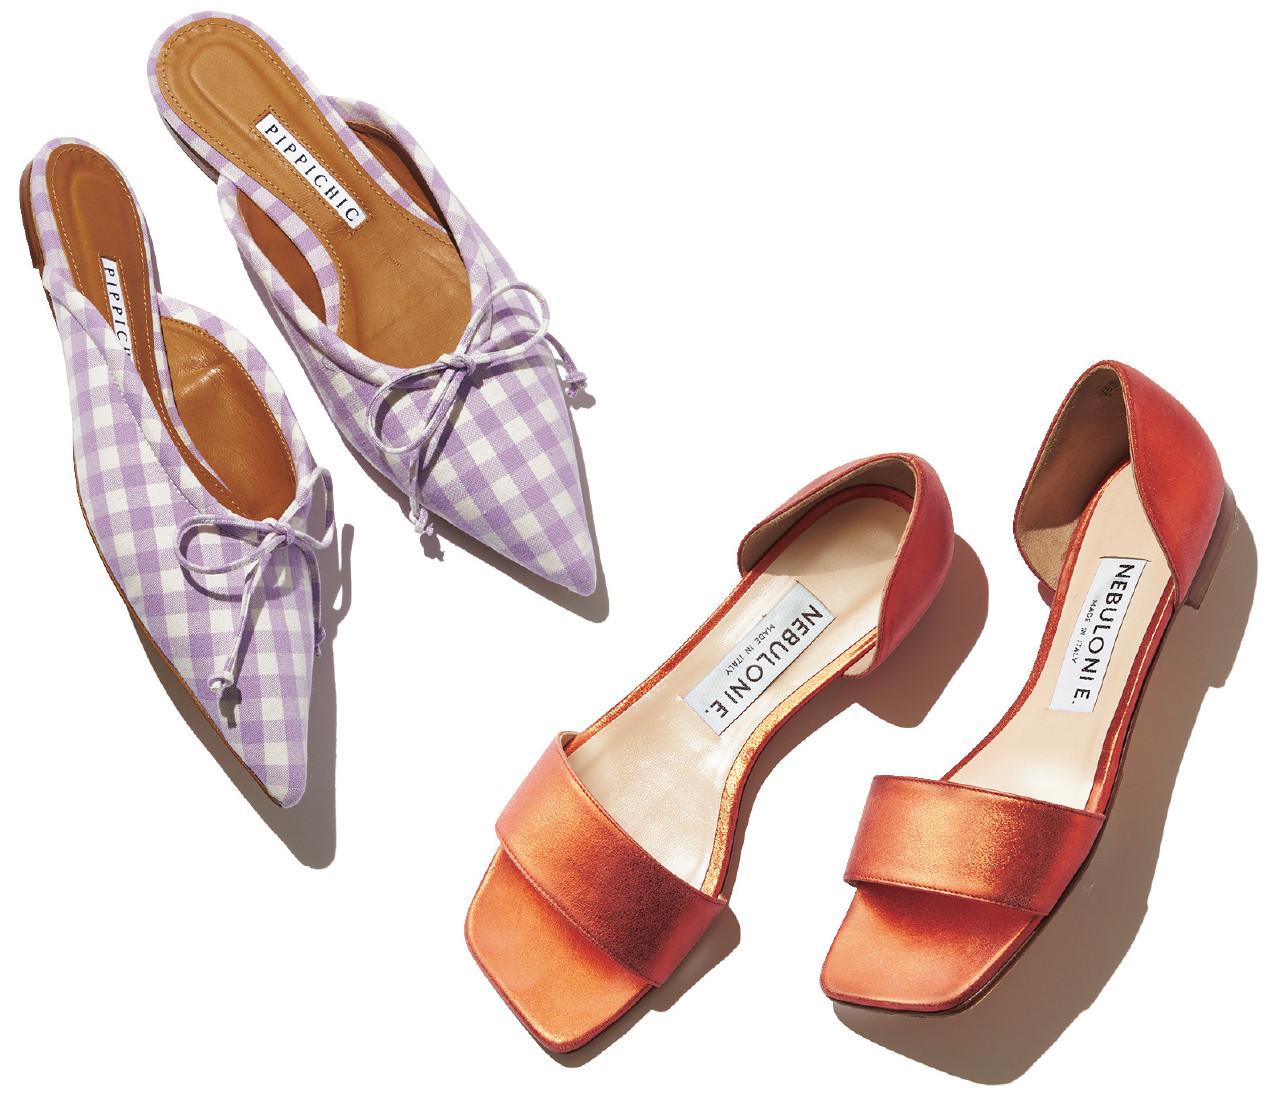 【春の靴&バッグ図鑑】この1足で着こなしが見違える!サンダル&パンプス9選